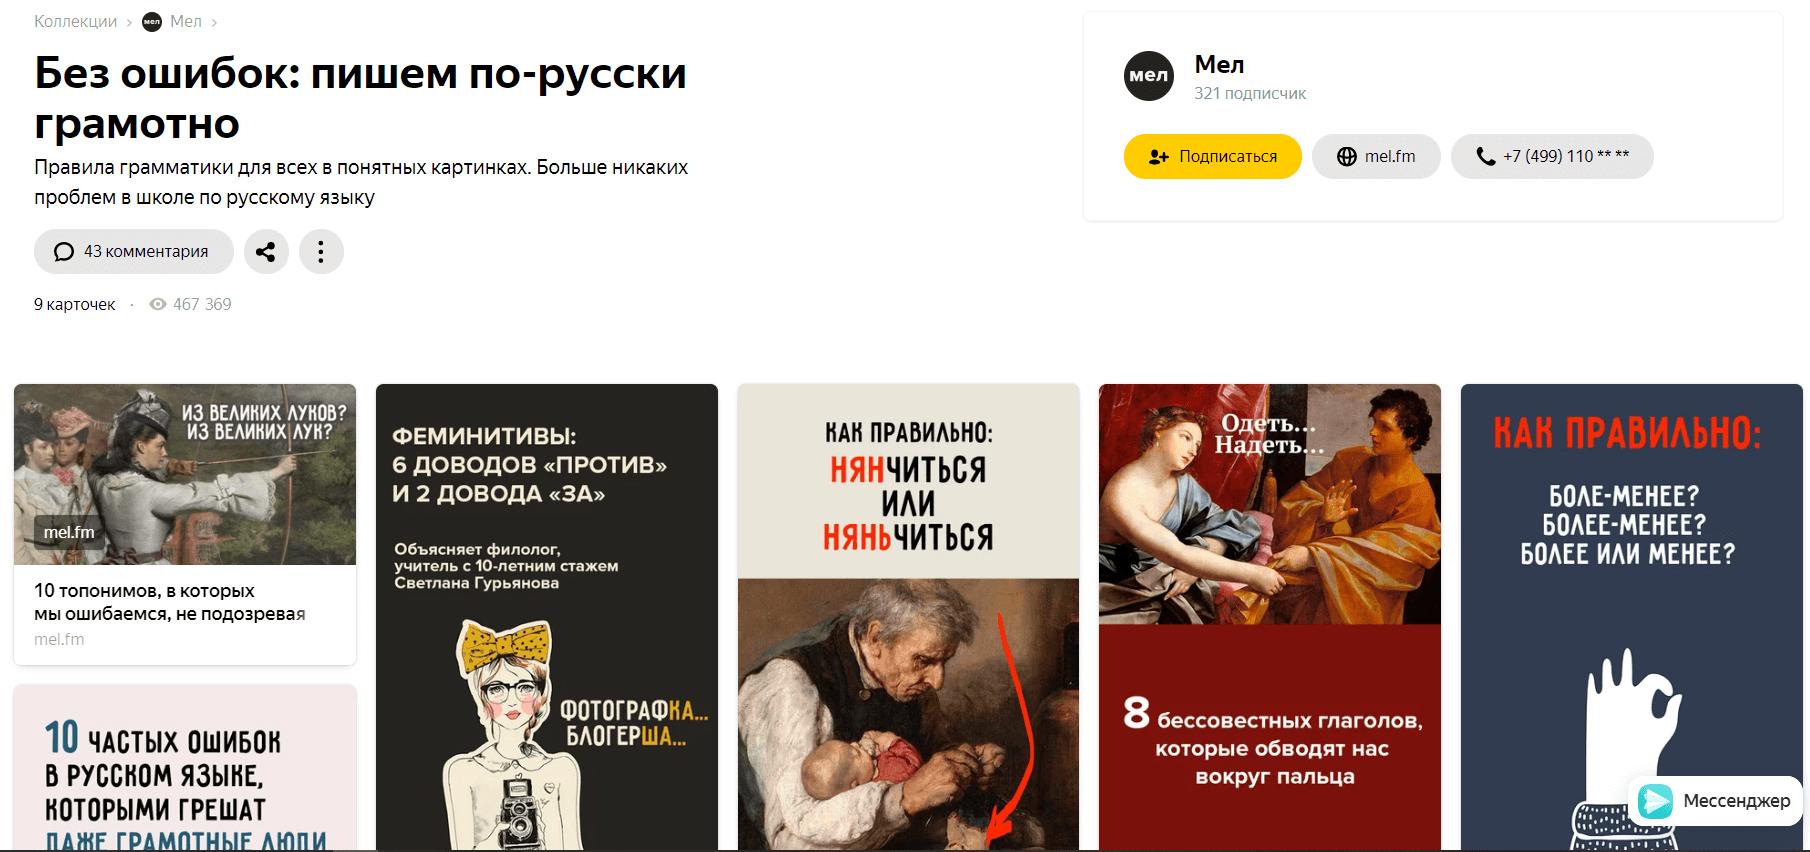 Правила русского языка в картинках от издательства Мел